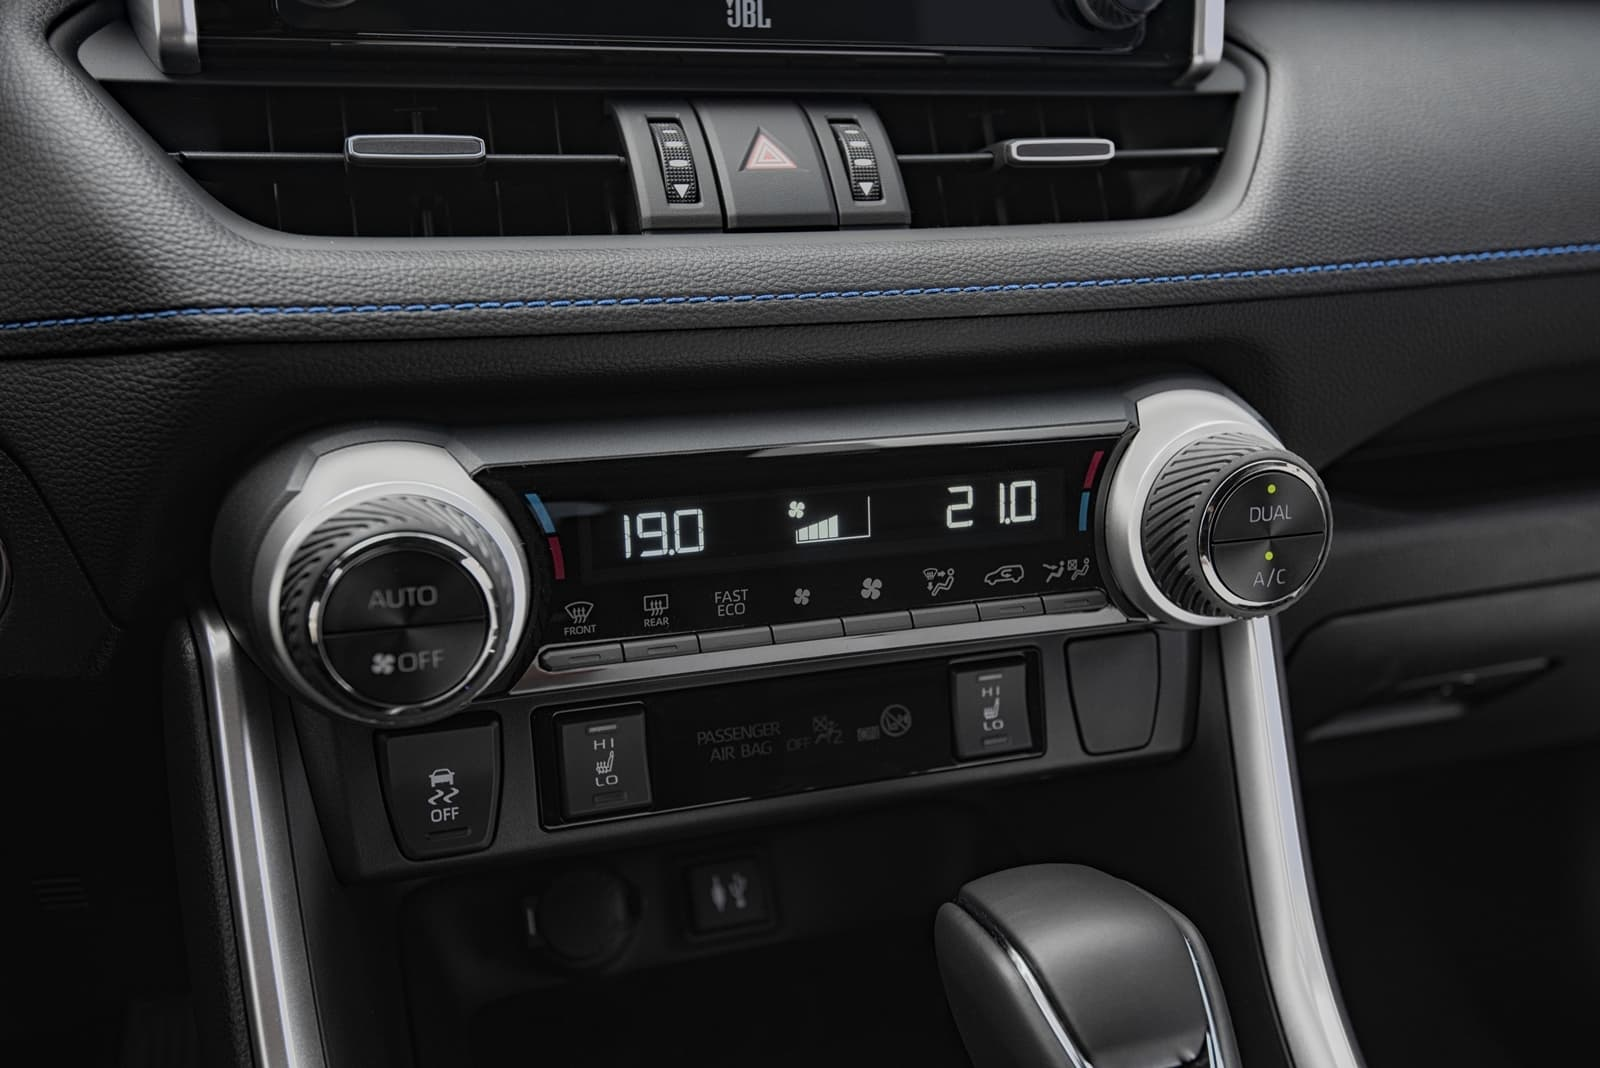 Toyota Rav4 2019 0119 019